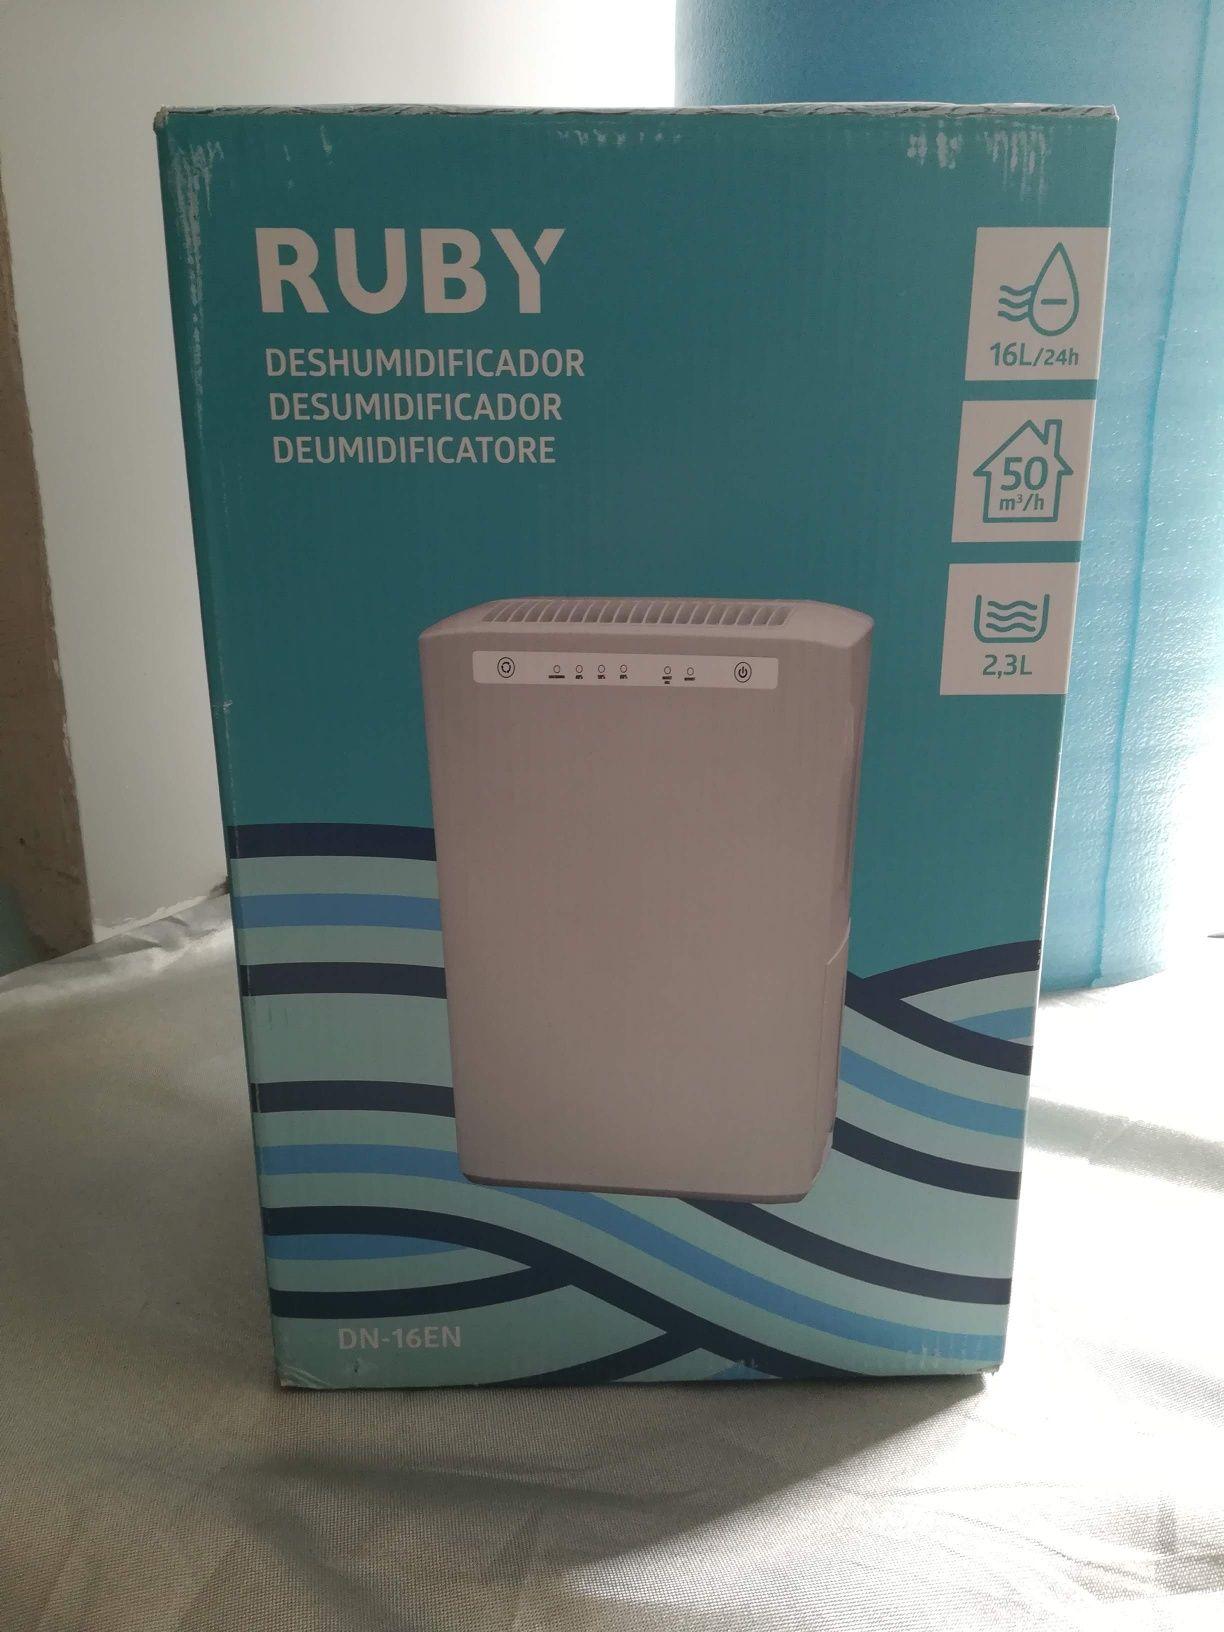 Desumidificador Ruby de 16 litros